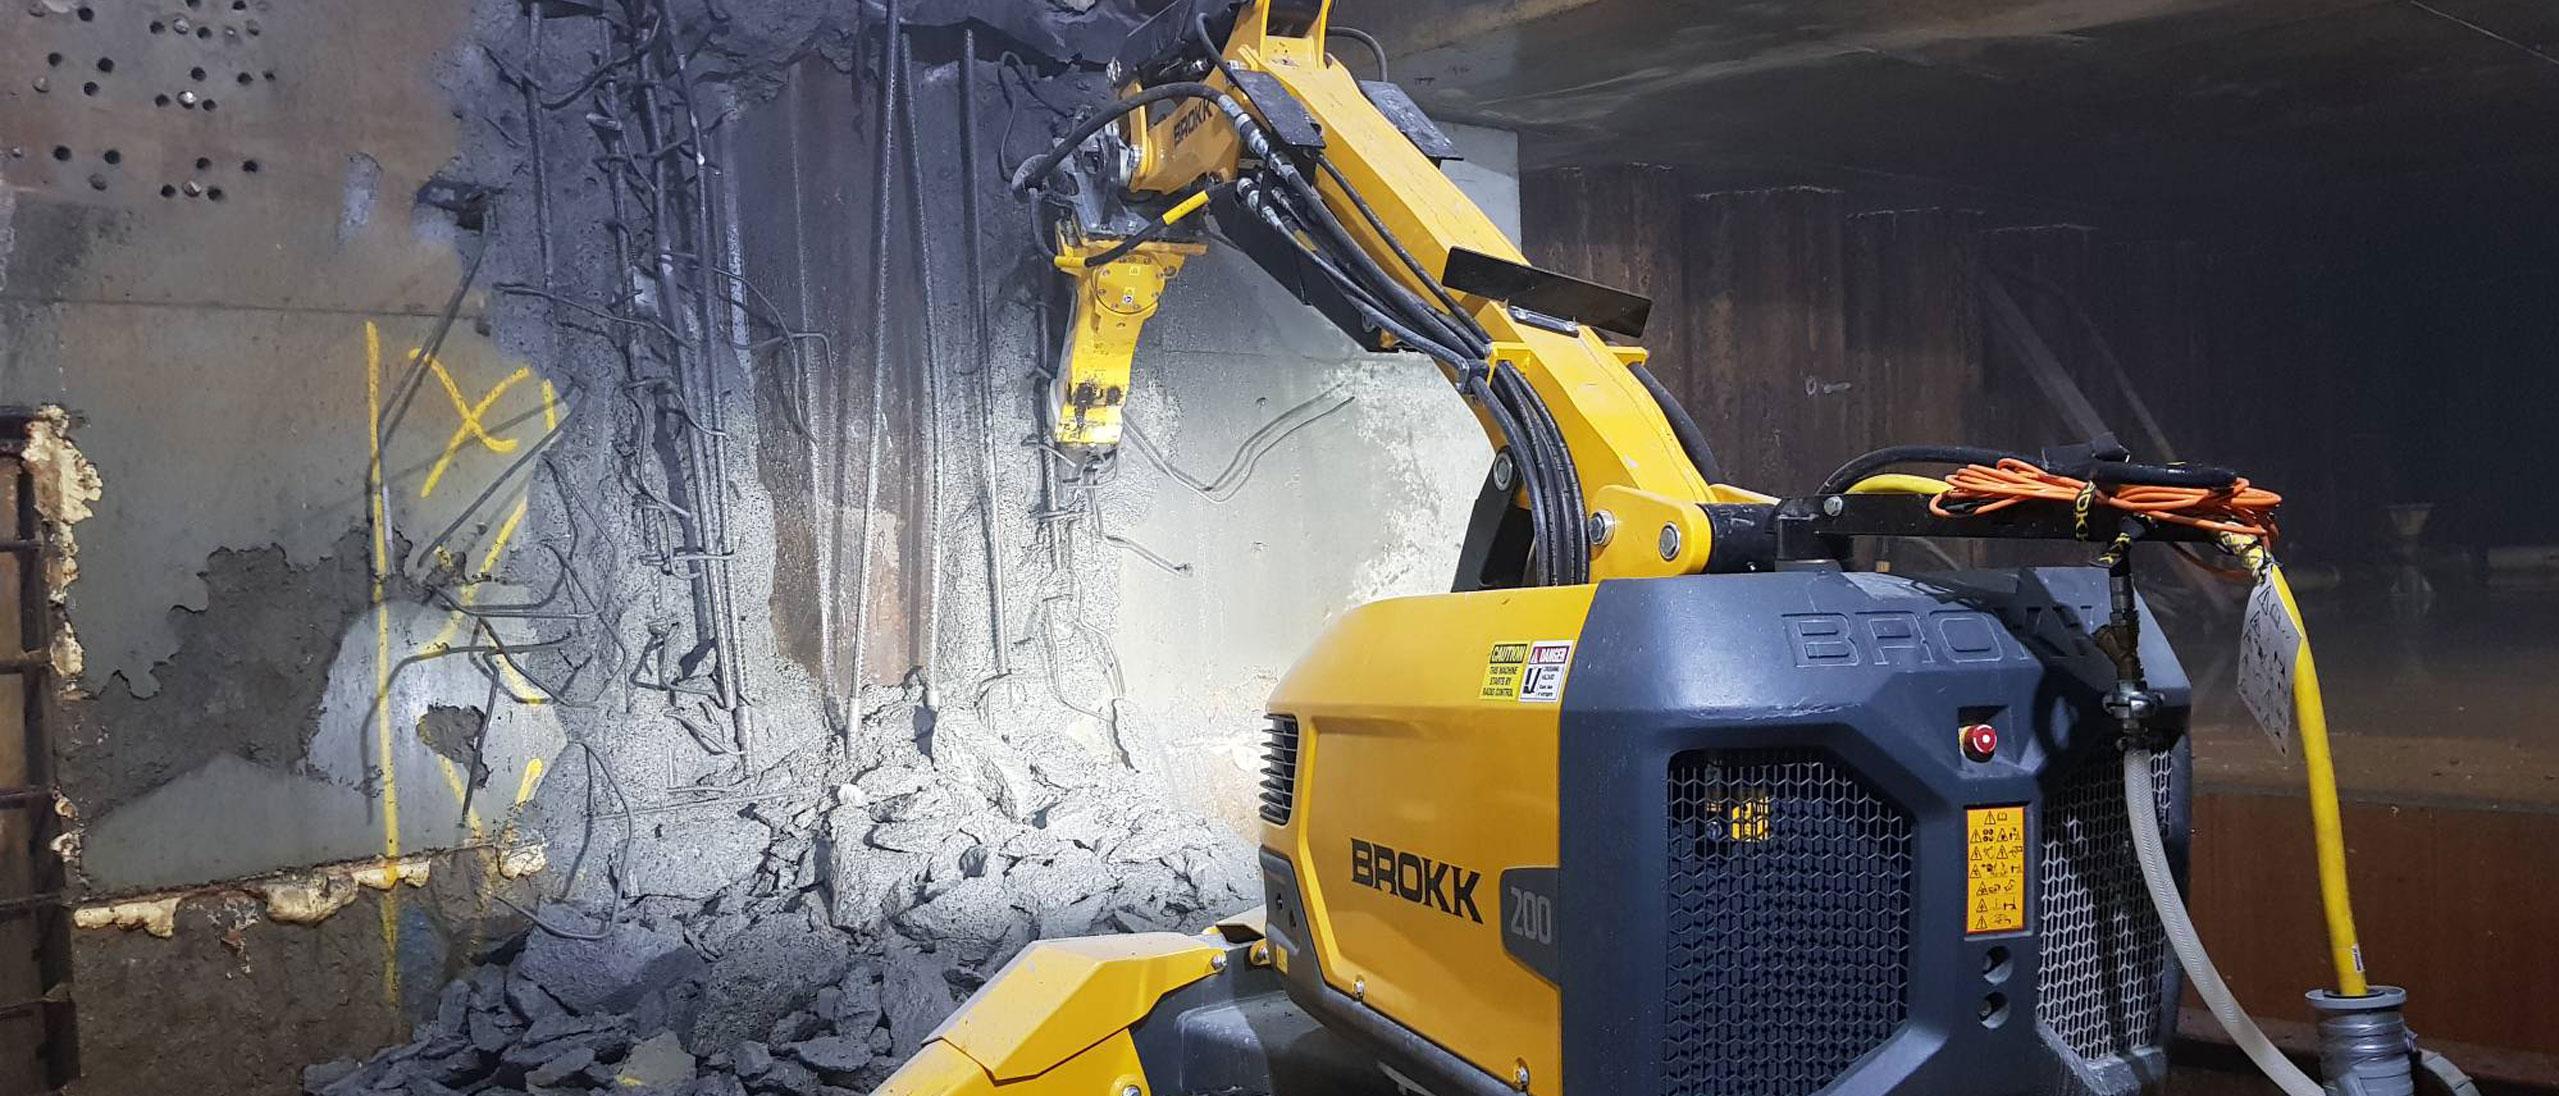 Brokk 200 Demolition Robot – Manly